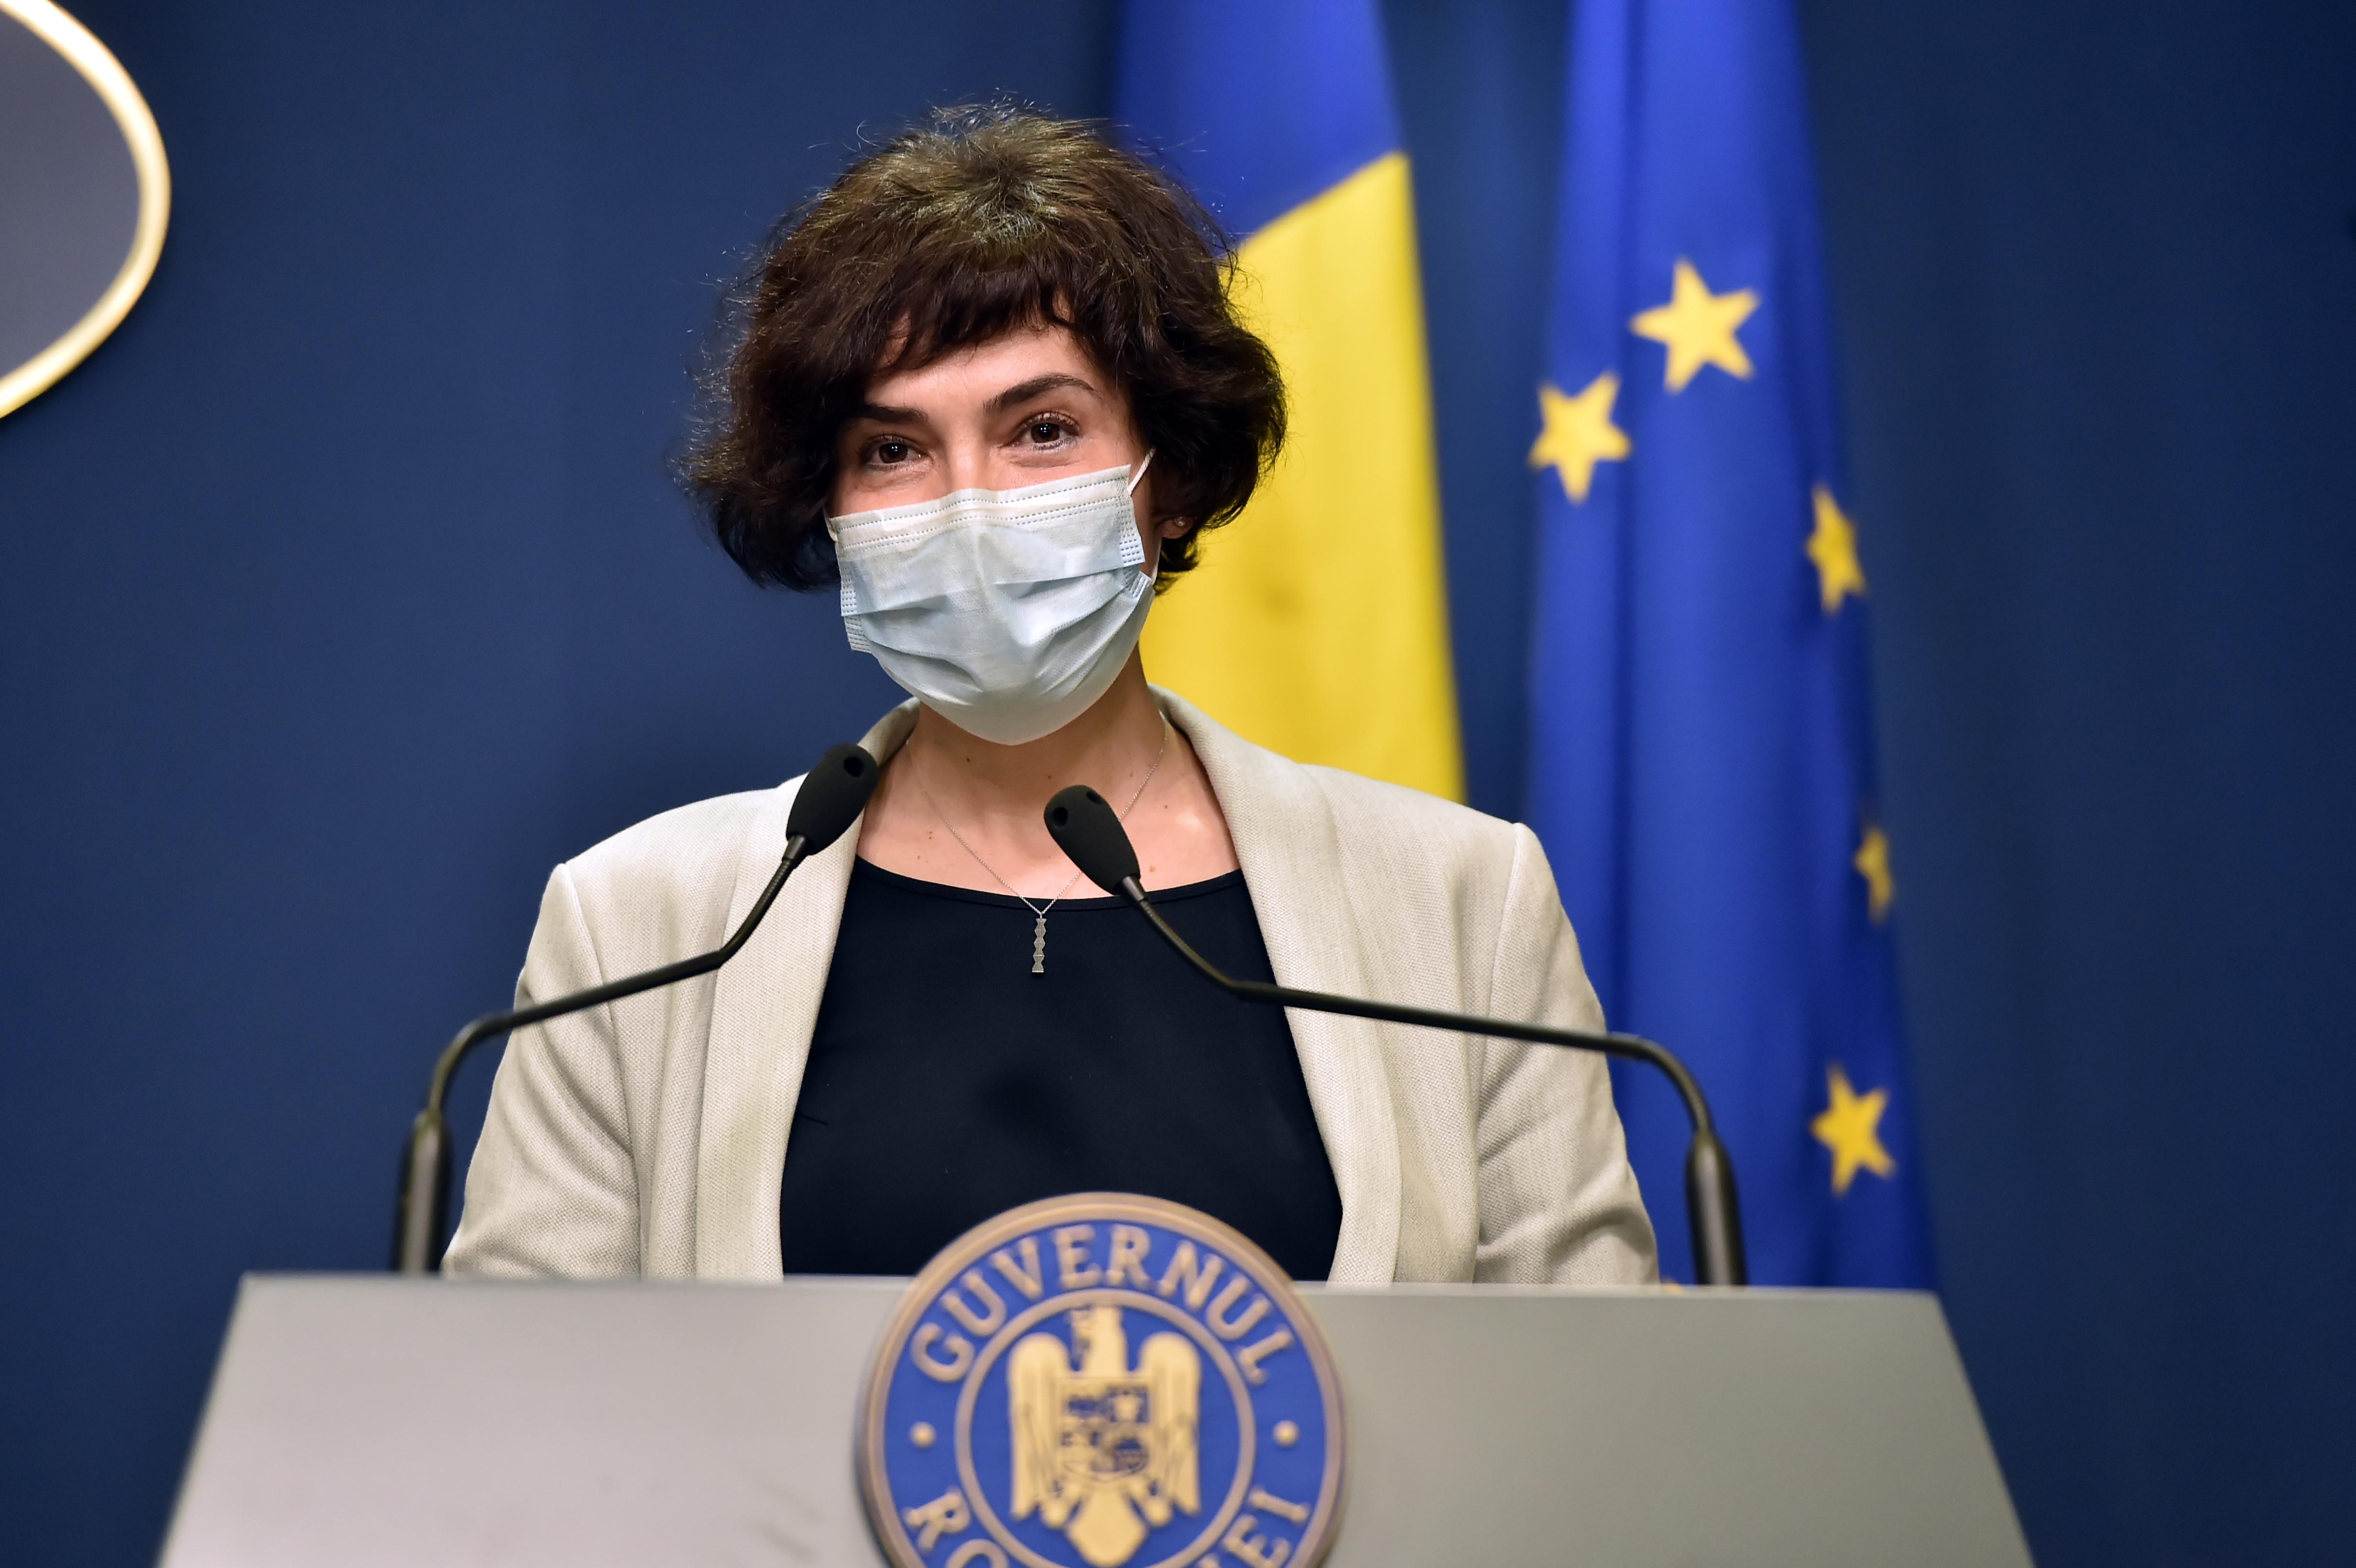 Andreea Moldovan, întrebată dacă poate fi oprit valul trei fără carantină: Nu cred, procesul este mult prea amplu